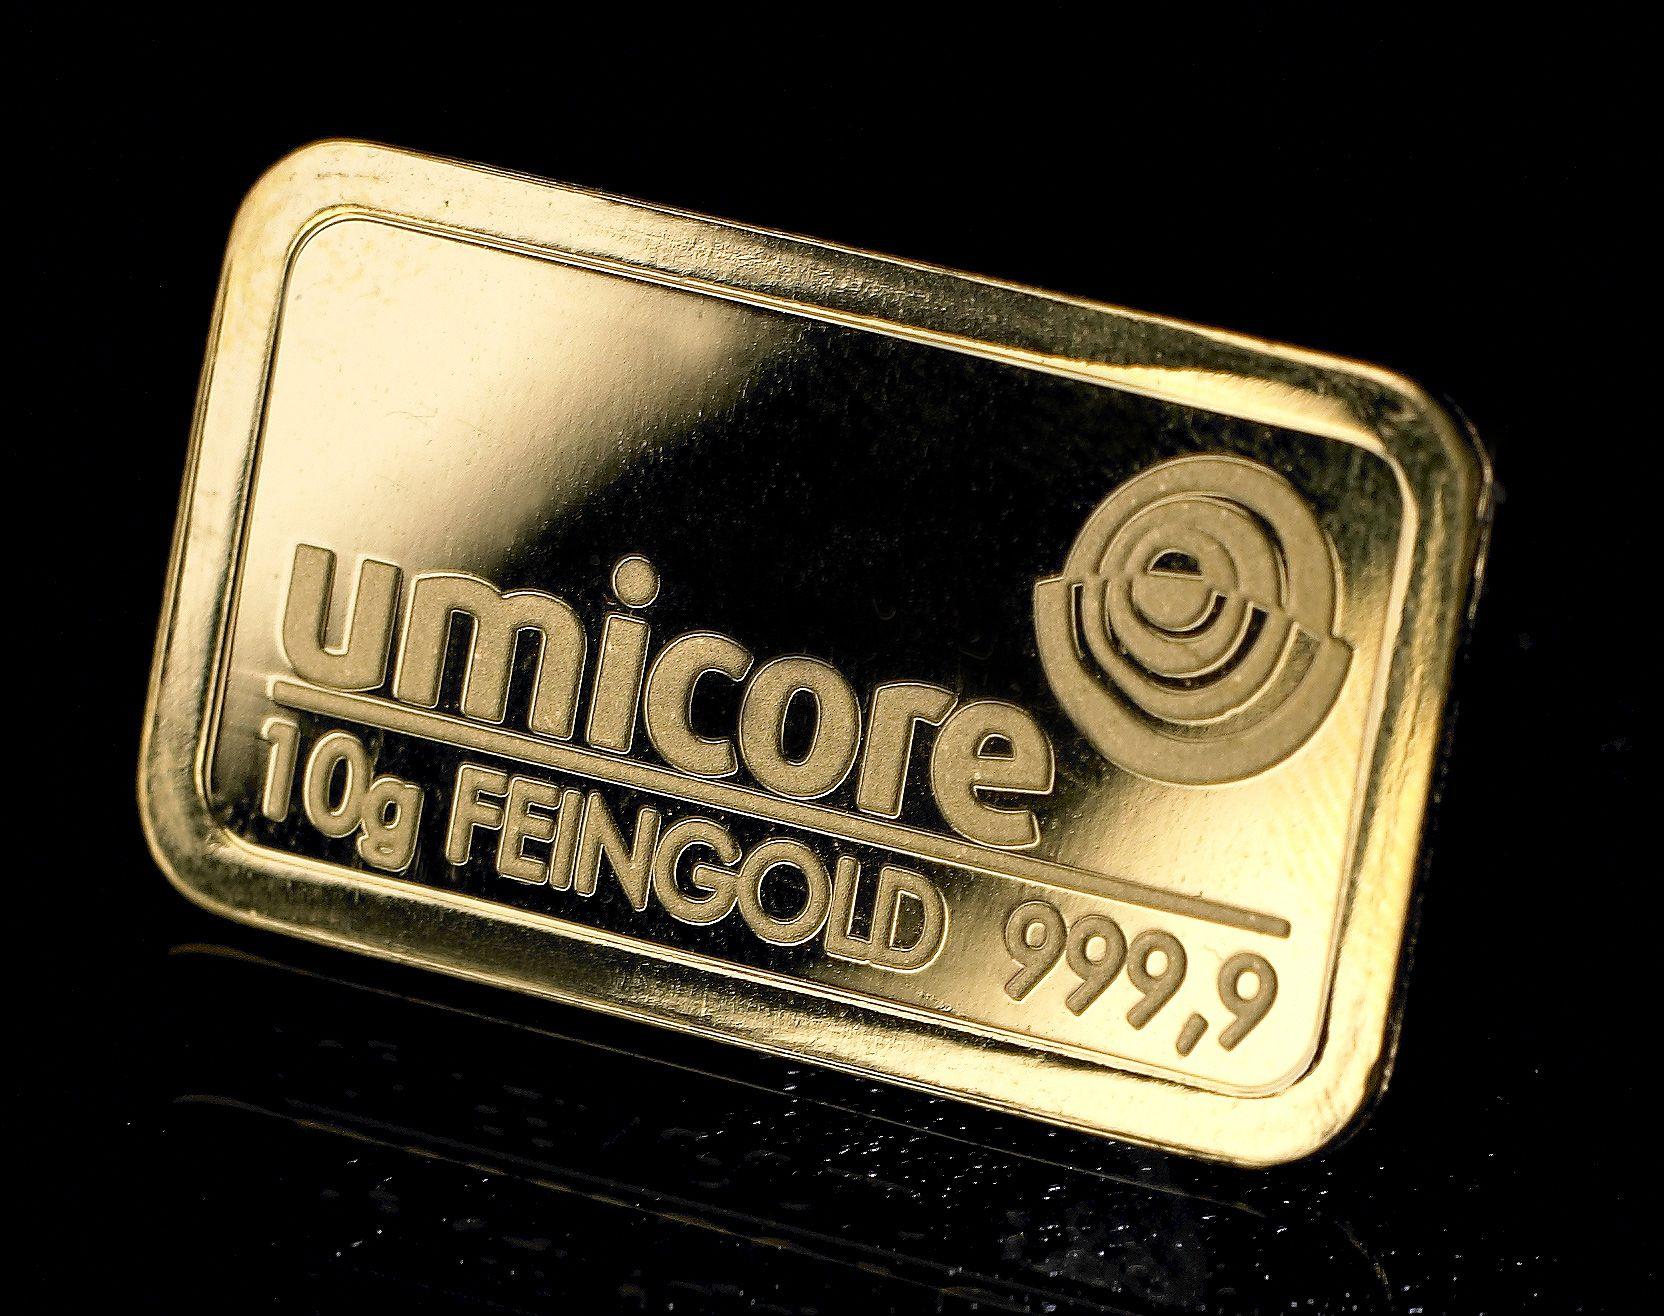 10 Gm Gold Bullion Bars Buy Gold Buying Gold Gold Bars Cash For Gold Buy Gold Bullion Gold Bullion Bars Buy Gold And Silver Gold Bars For Sale